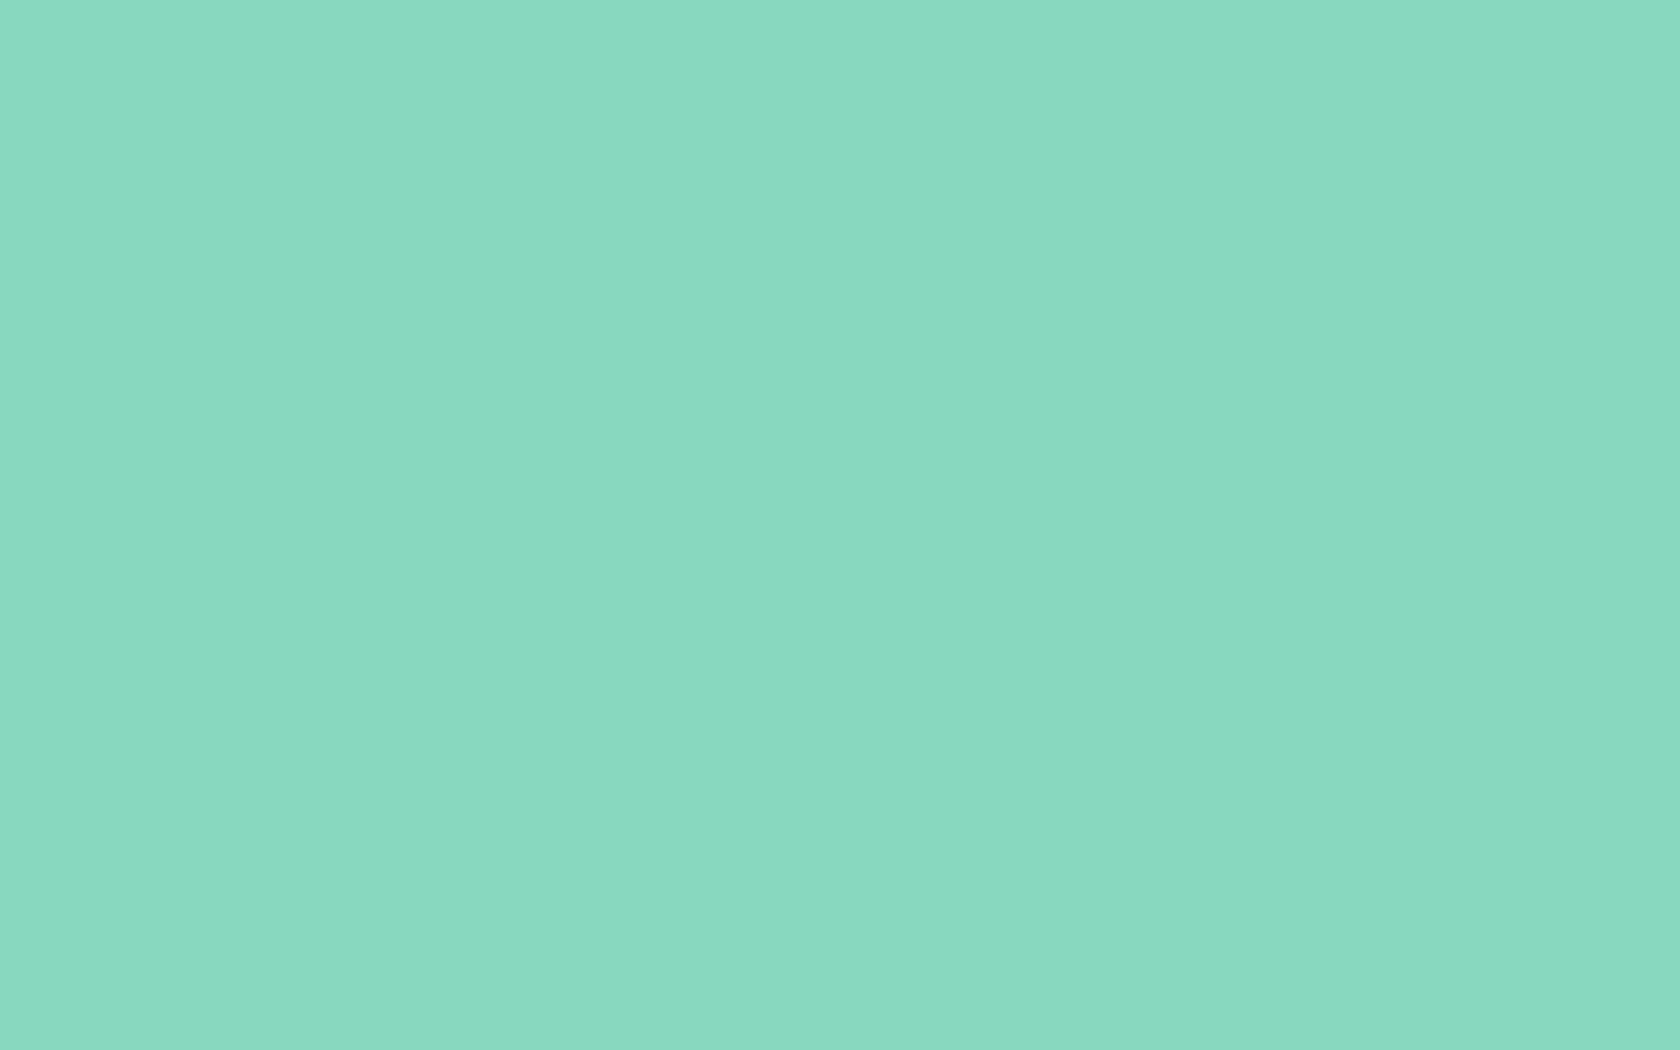 1680x1050 Pearl Aqua Solid Color Background